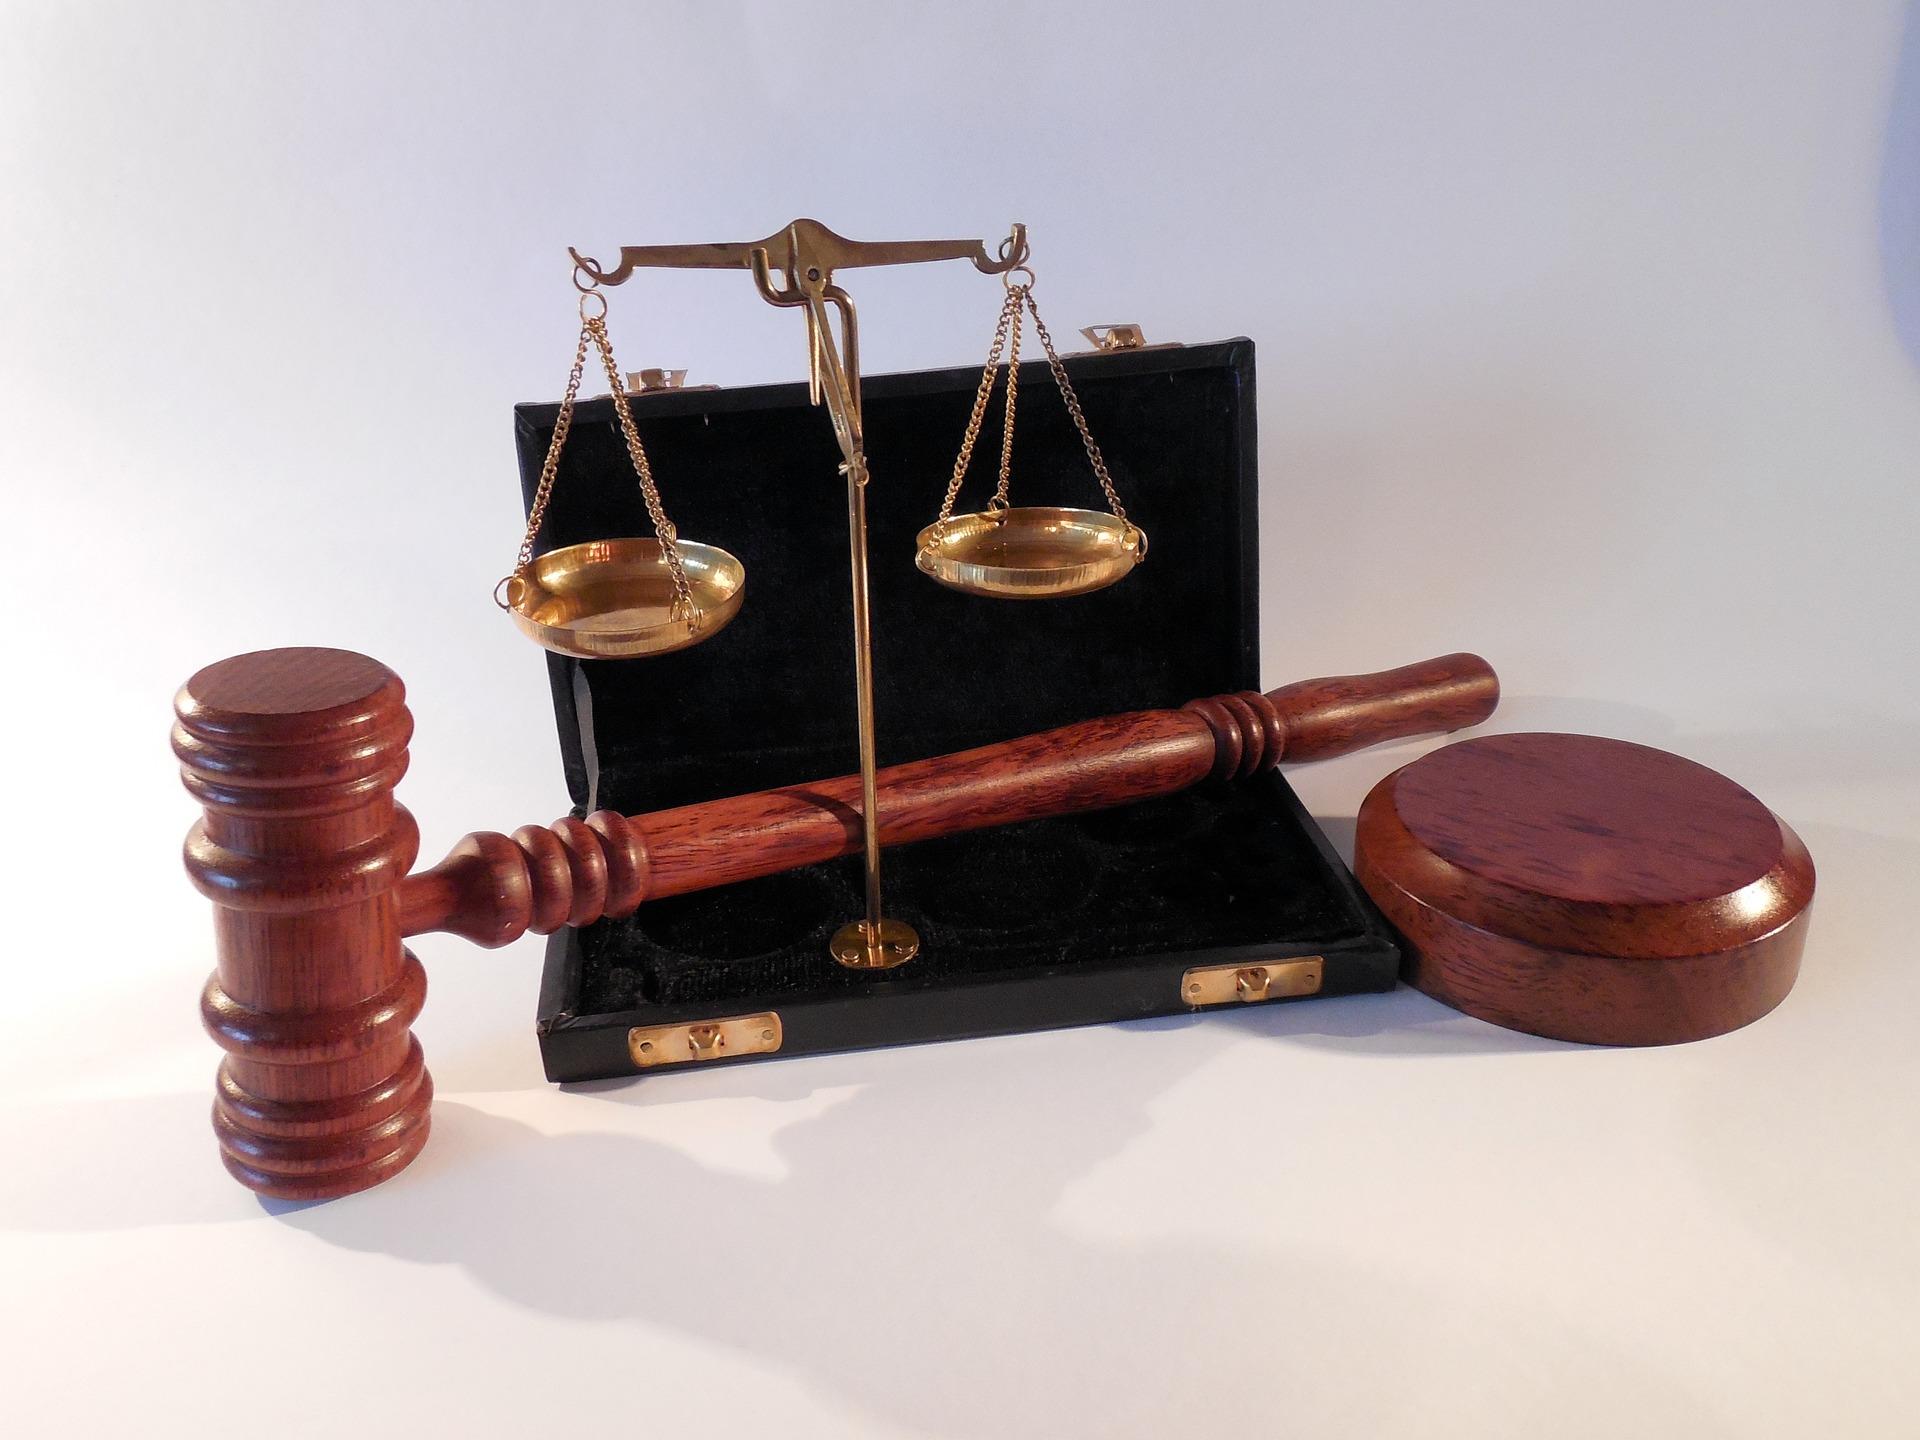 Судді, хабарі, безкарність, реформа. Частина перша